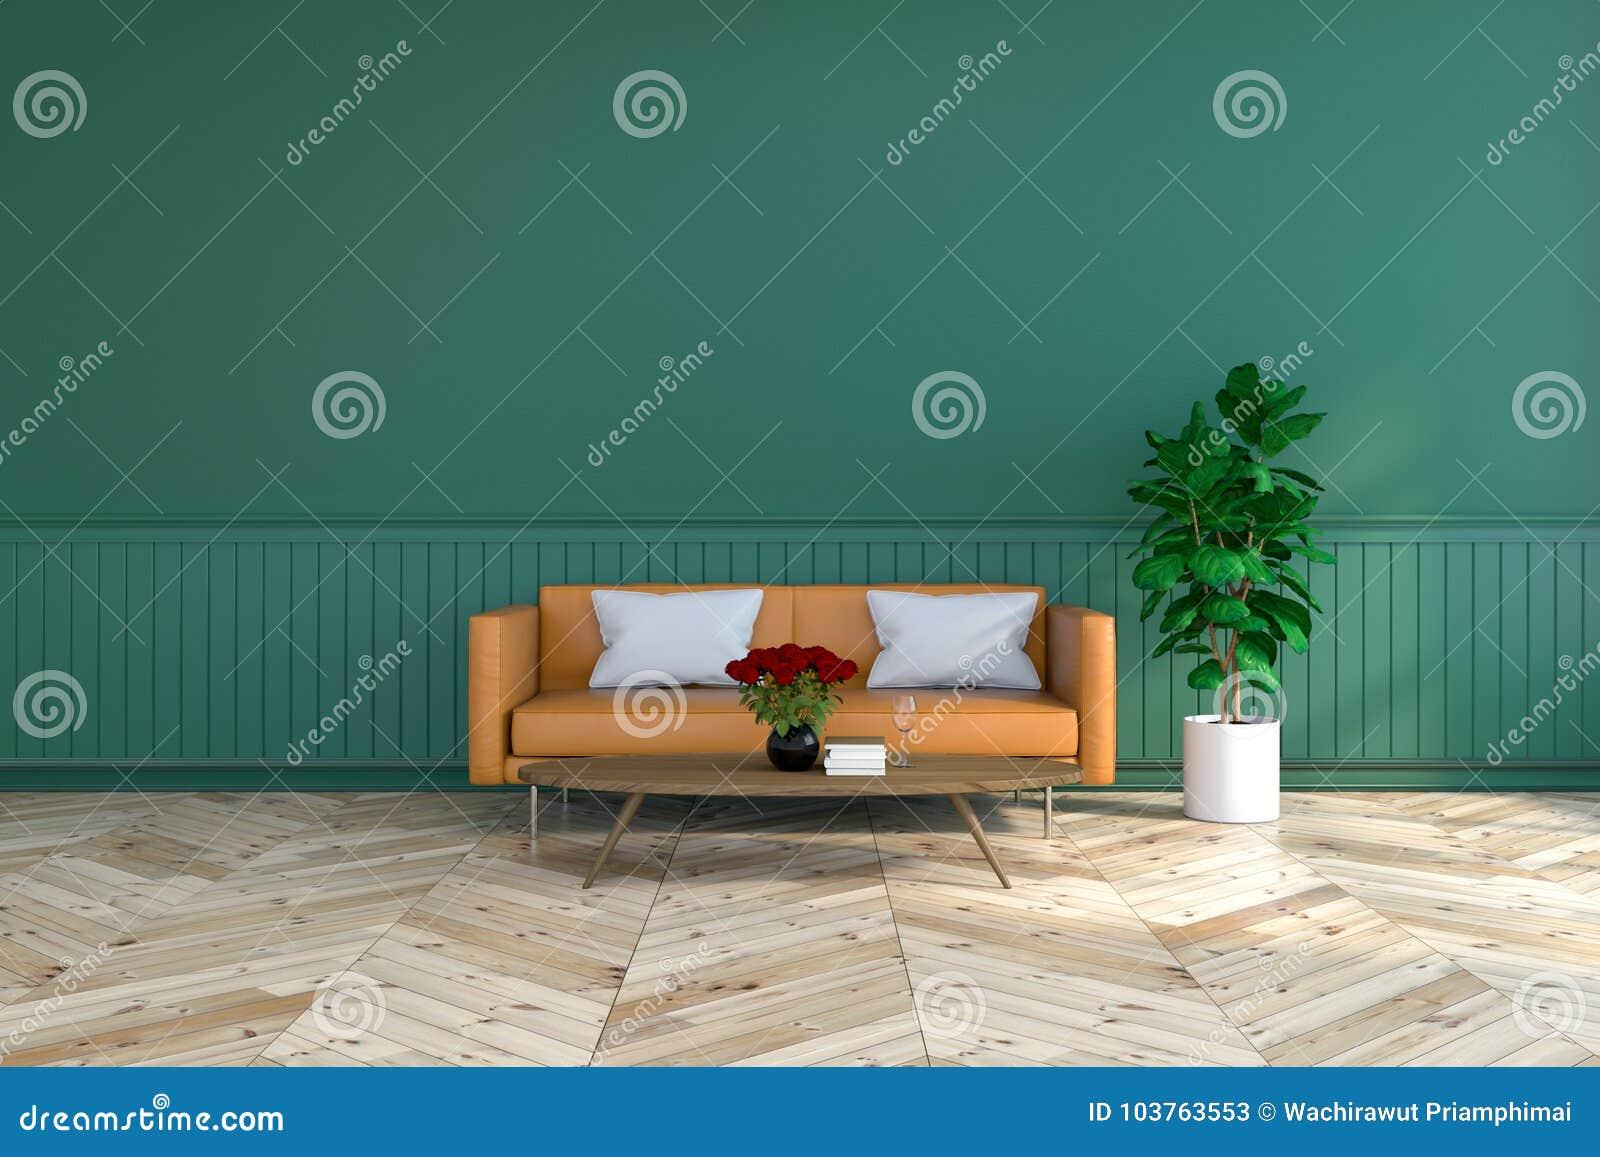 Vintage Room Interior Design Brown Leather Sofa On Wood Flooring